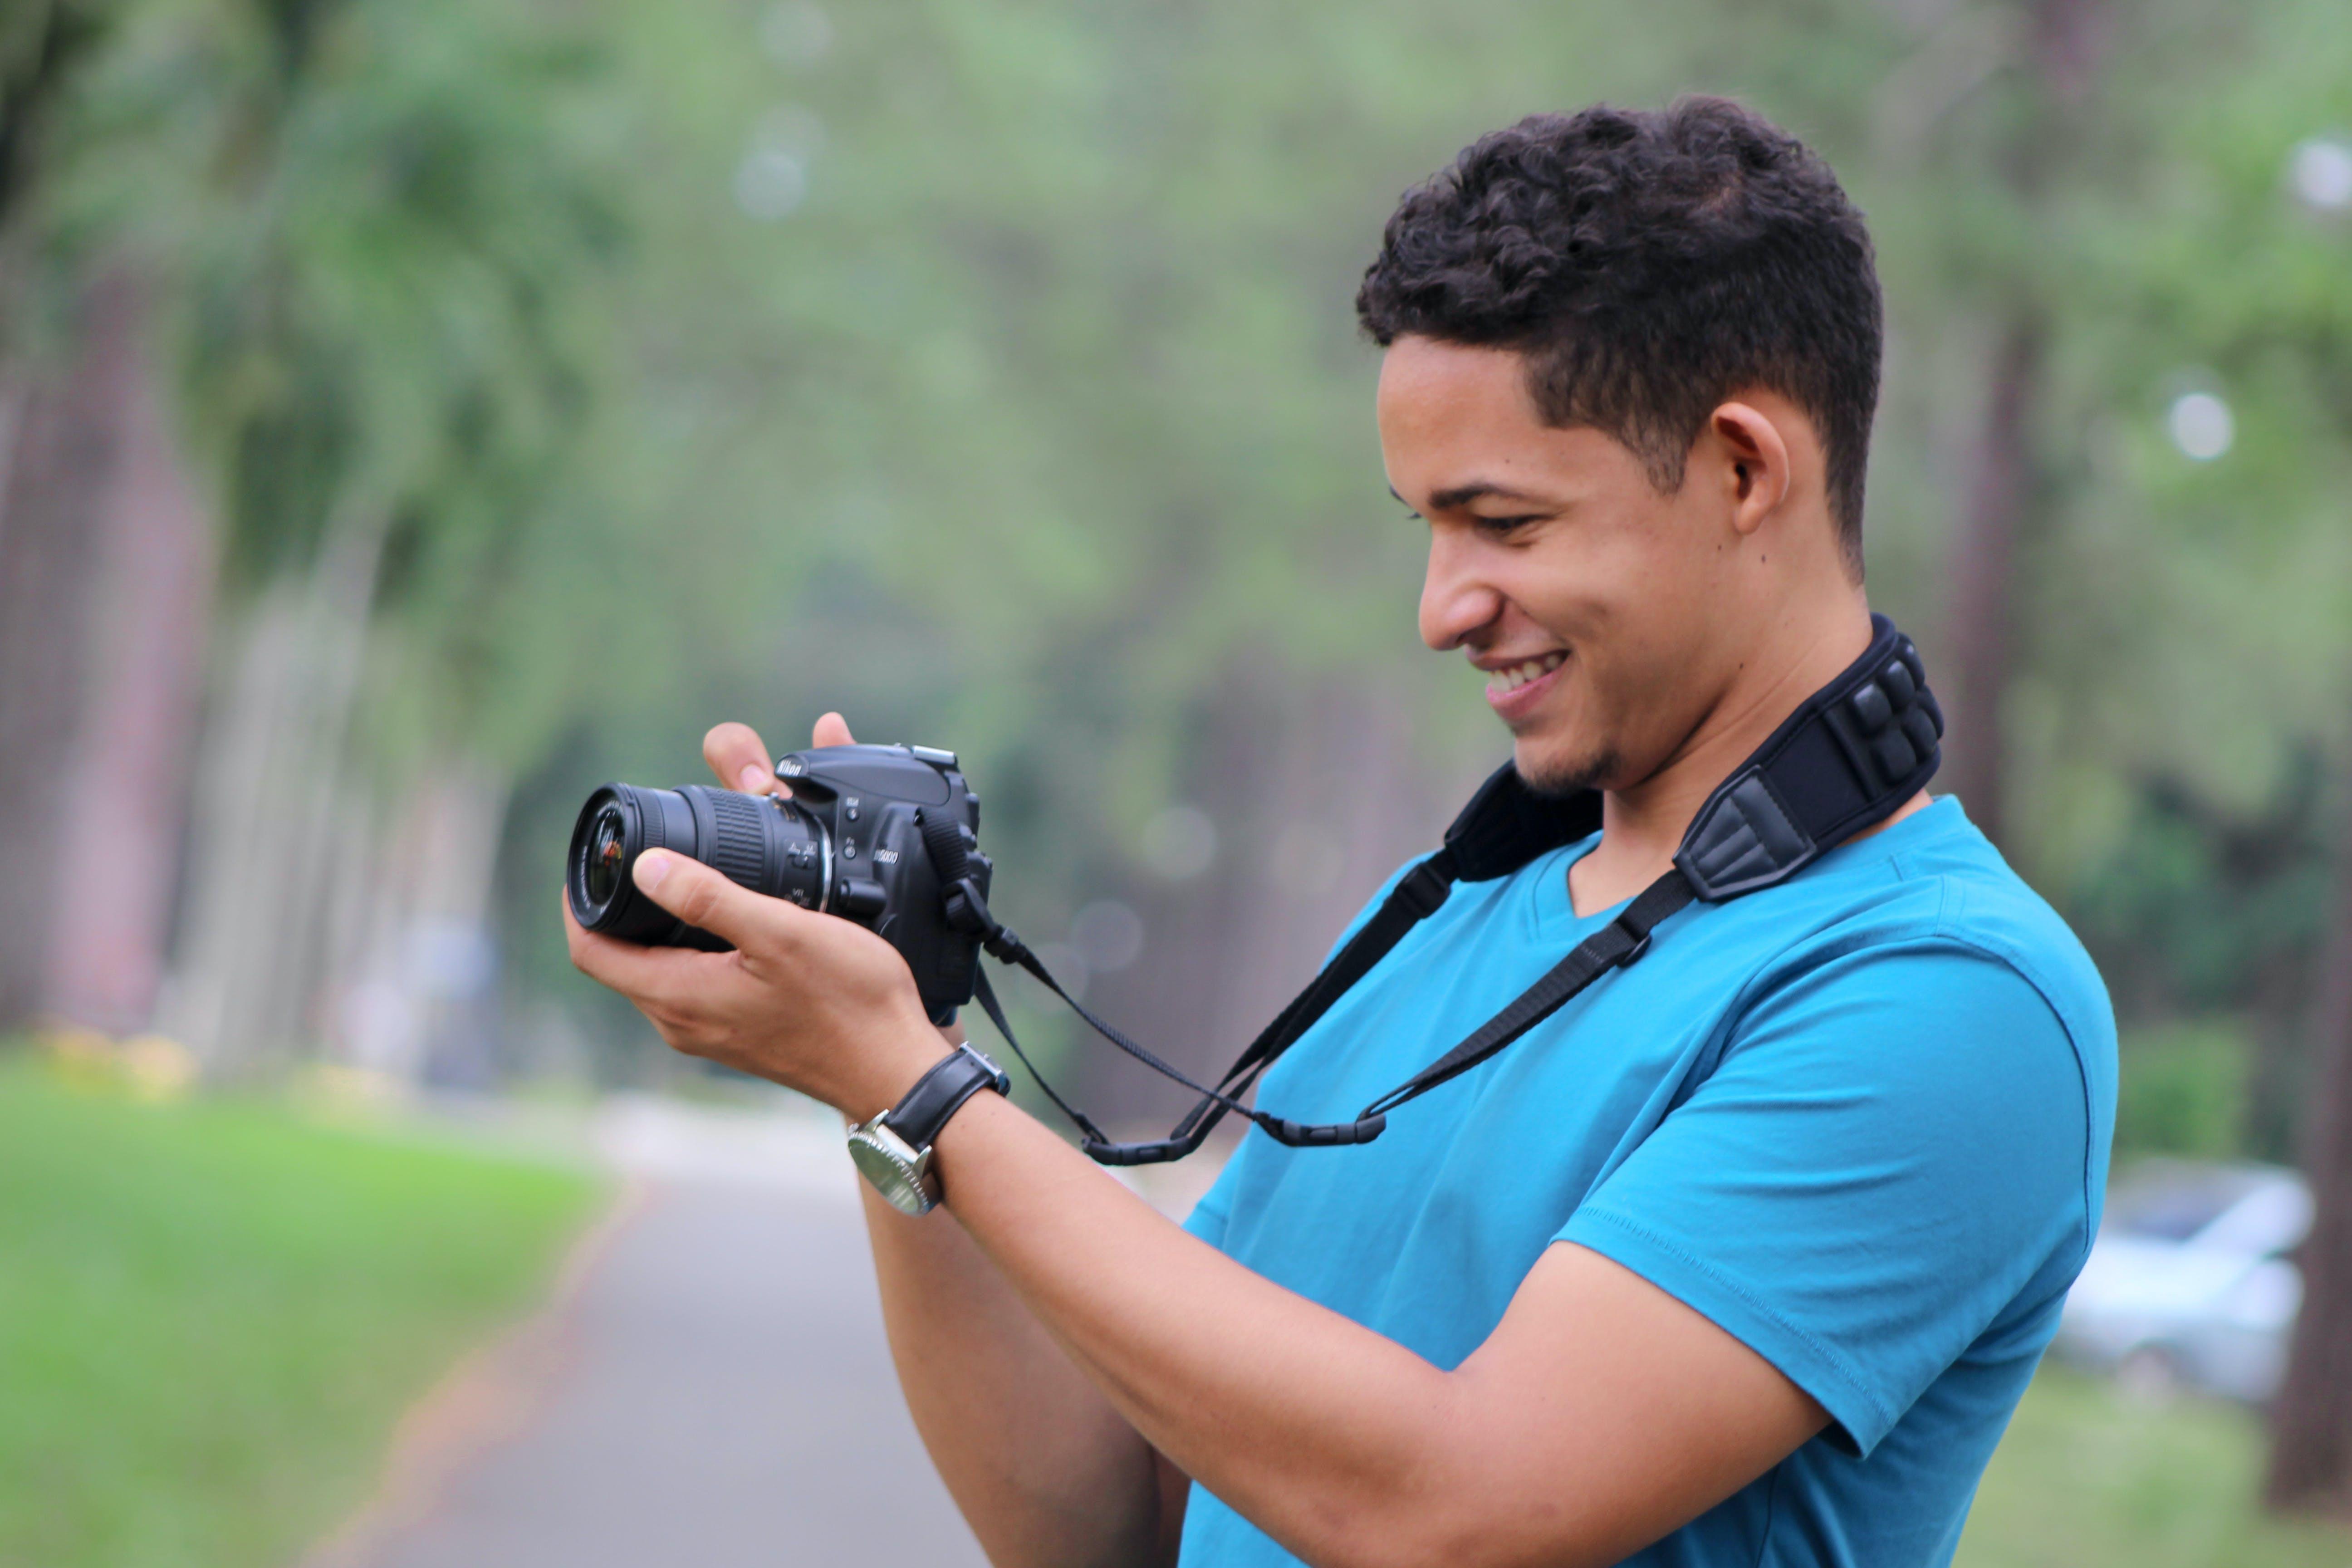 camera, daylight, guy